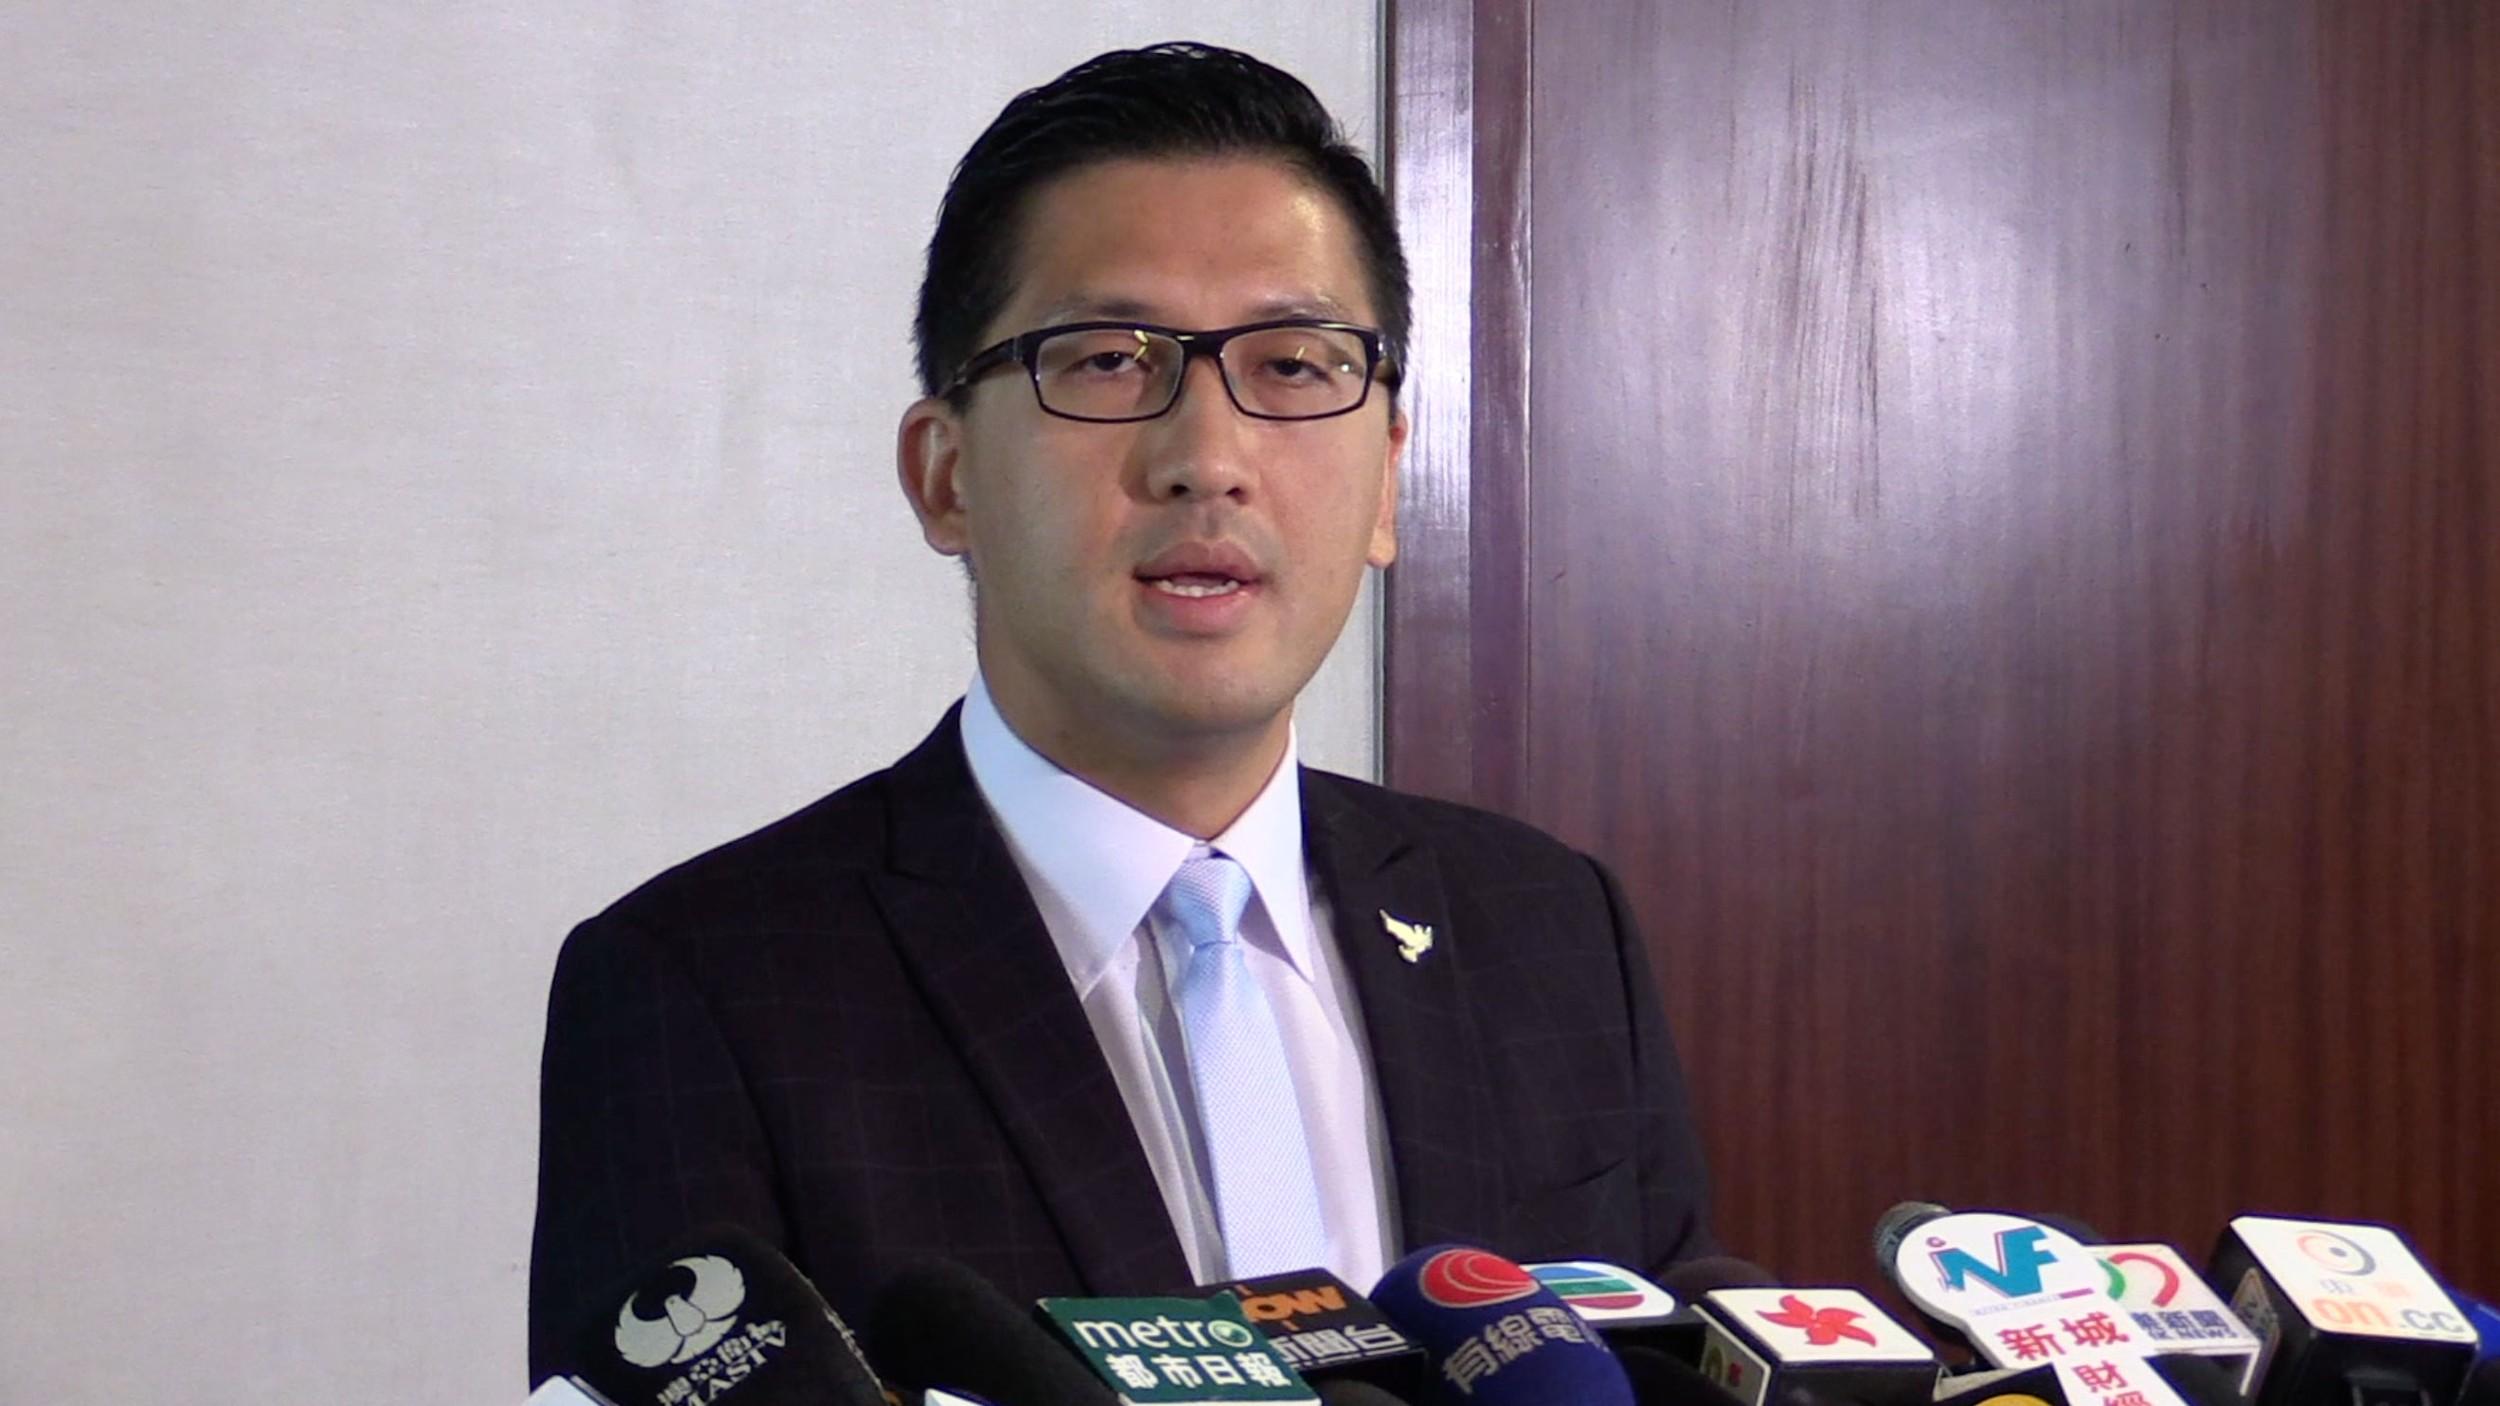 香港民主党立法会议员林卓廷。(本台资料图片)